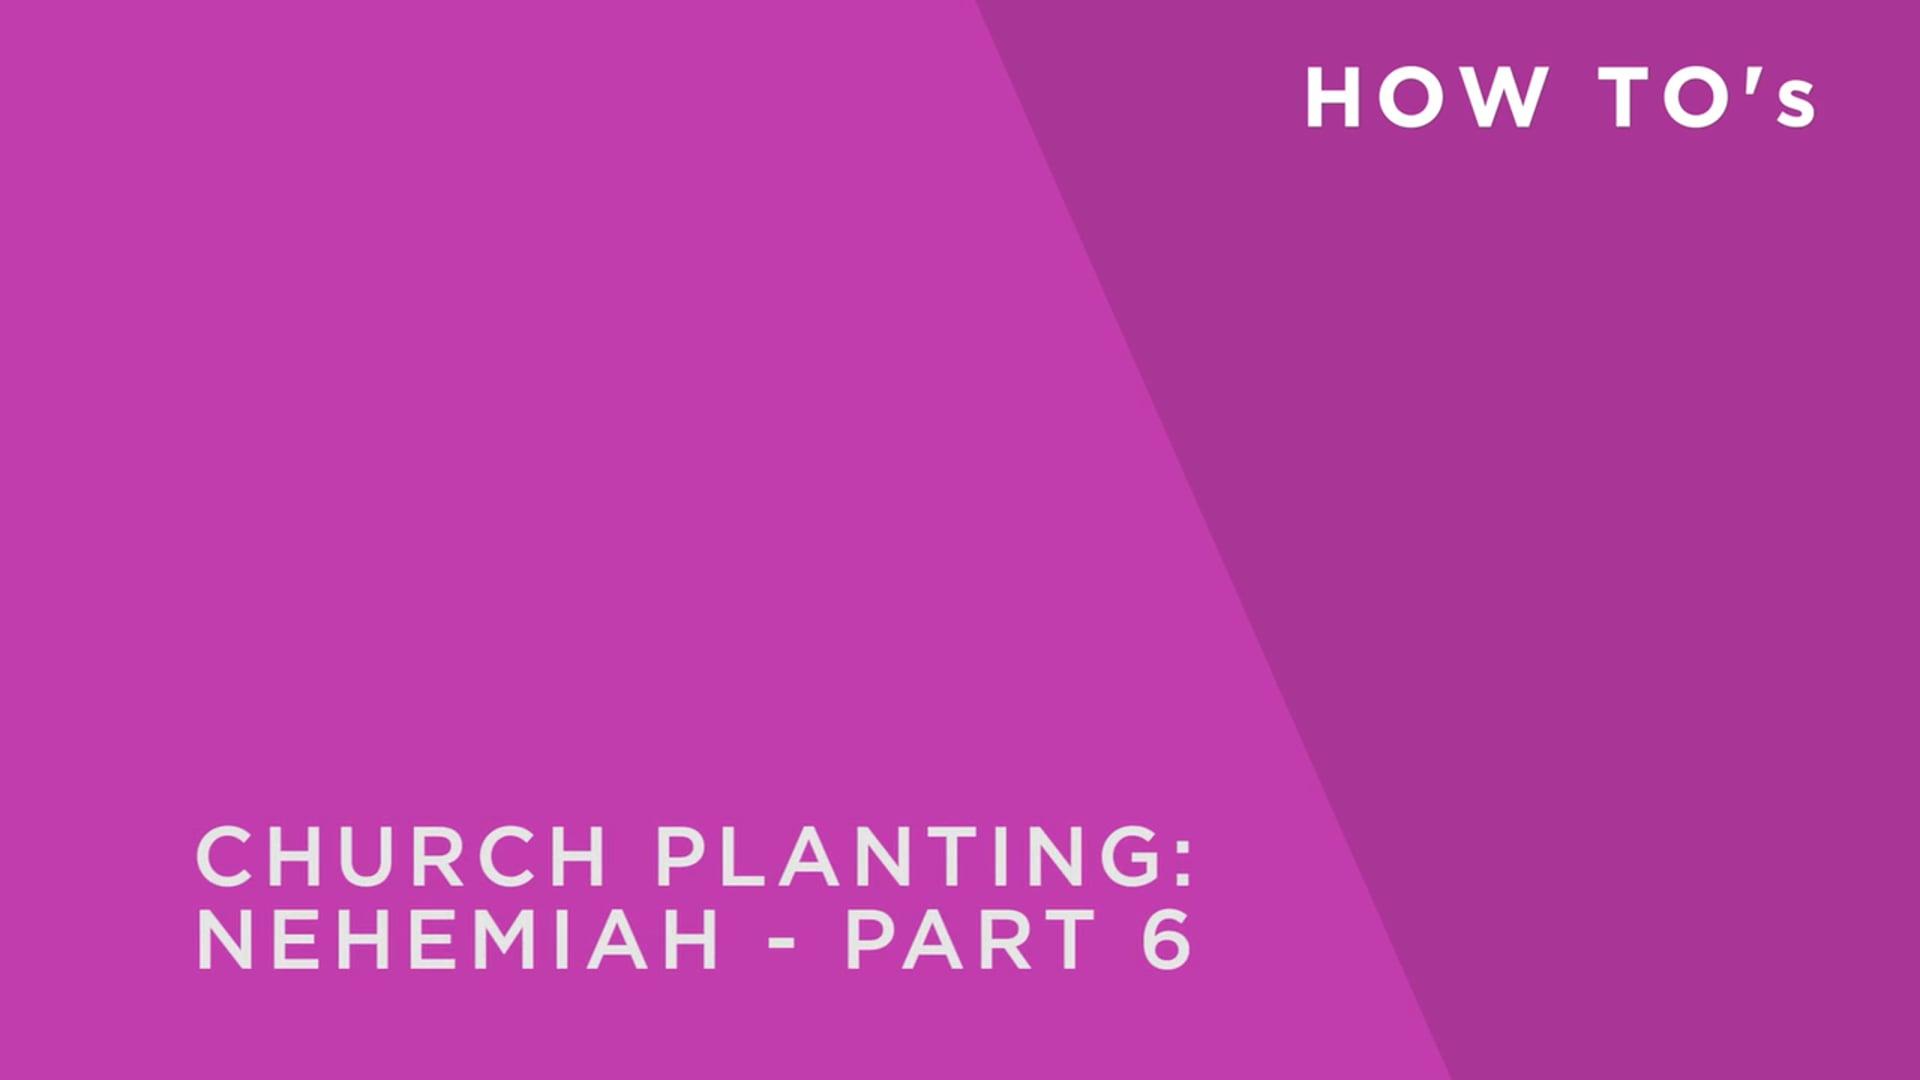 Church Planting: Nehemiah 6